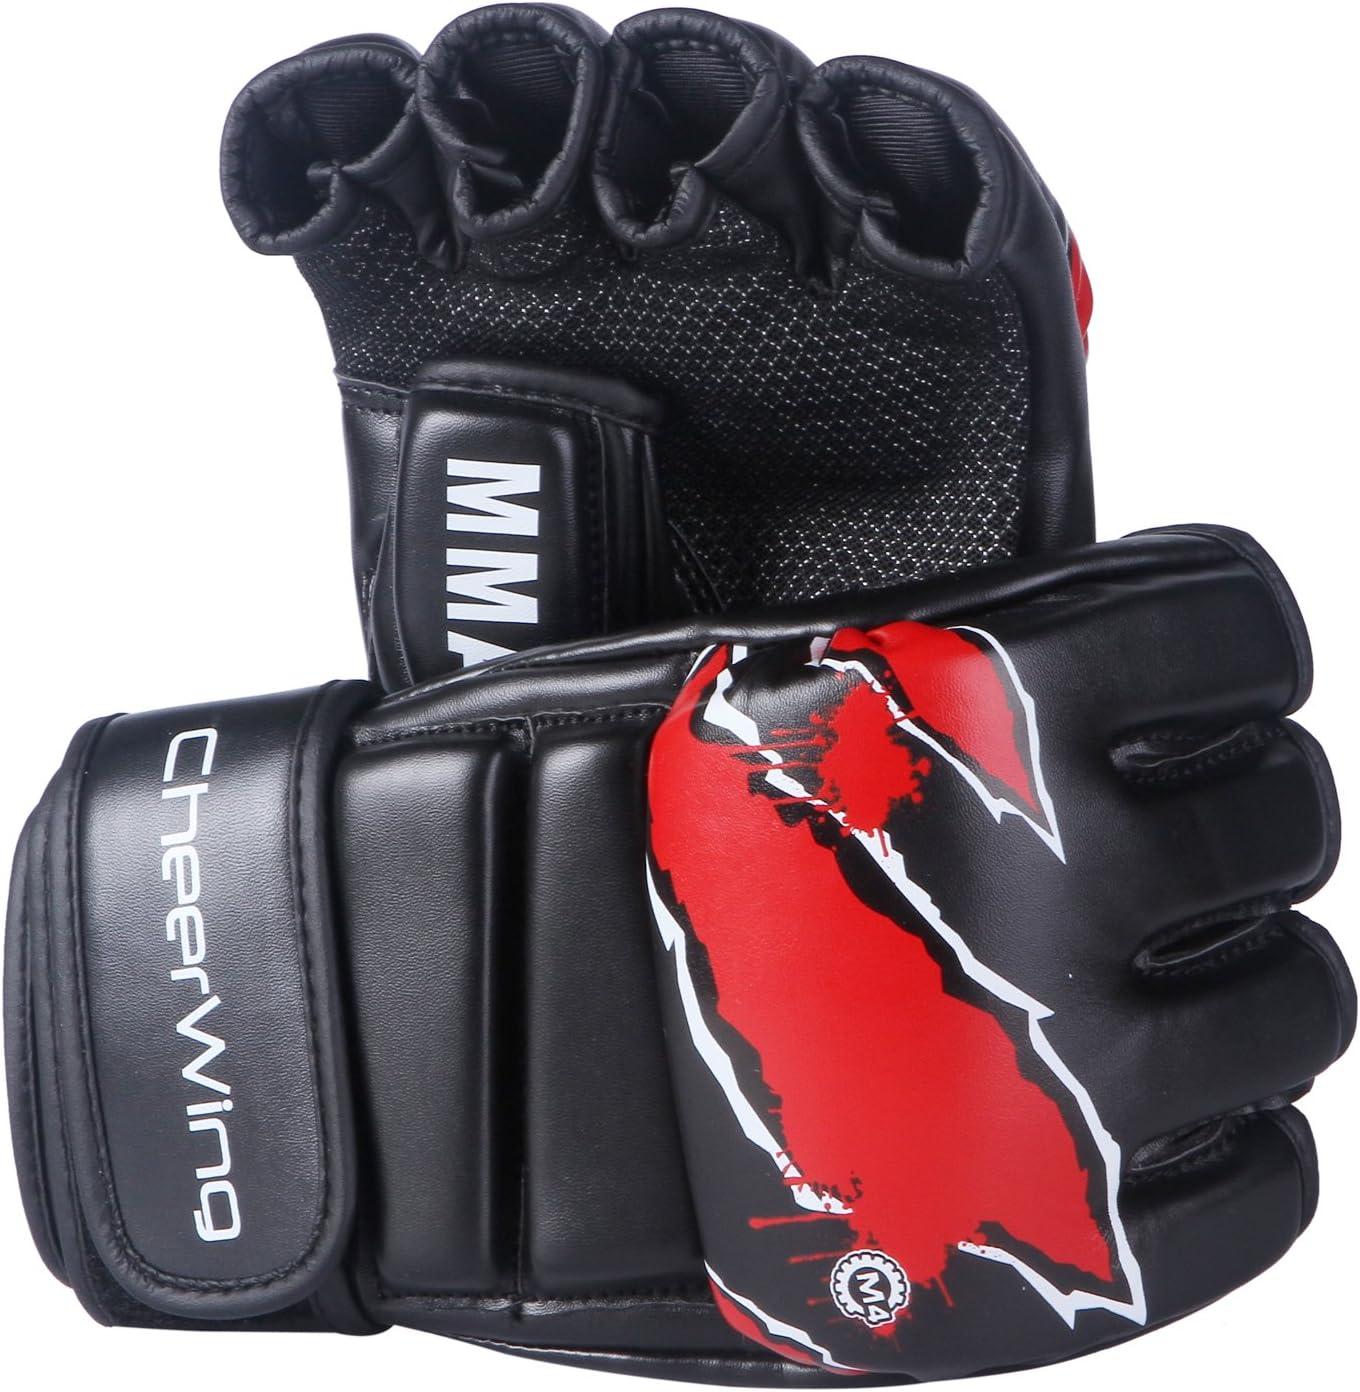 Best MMA Gloves